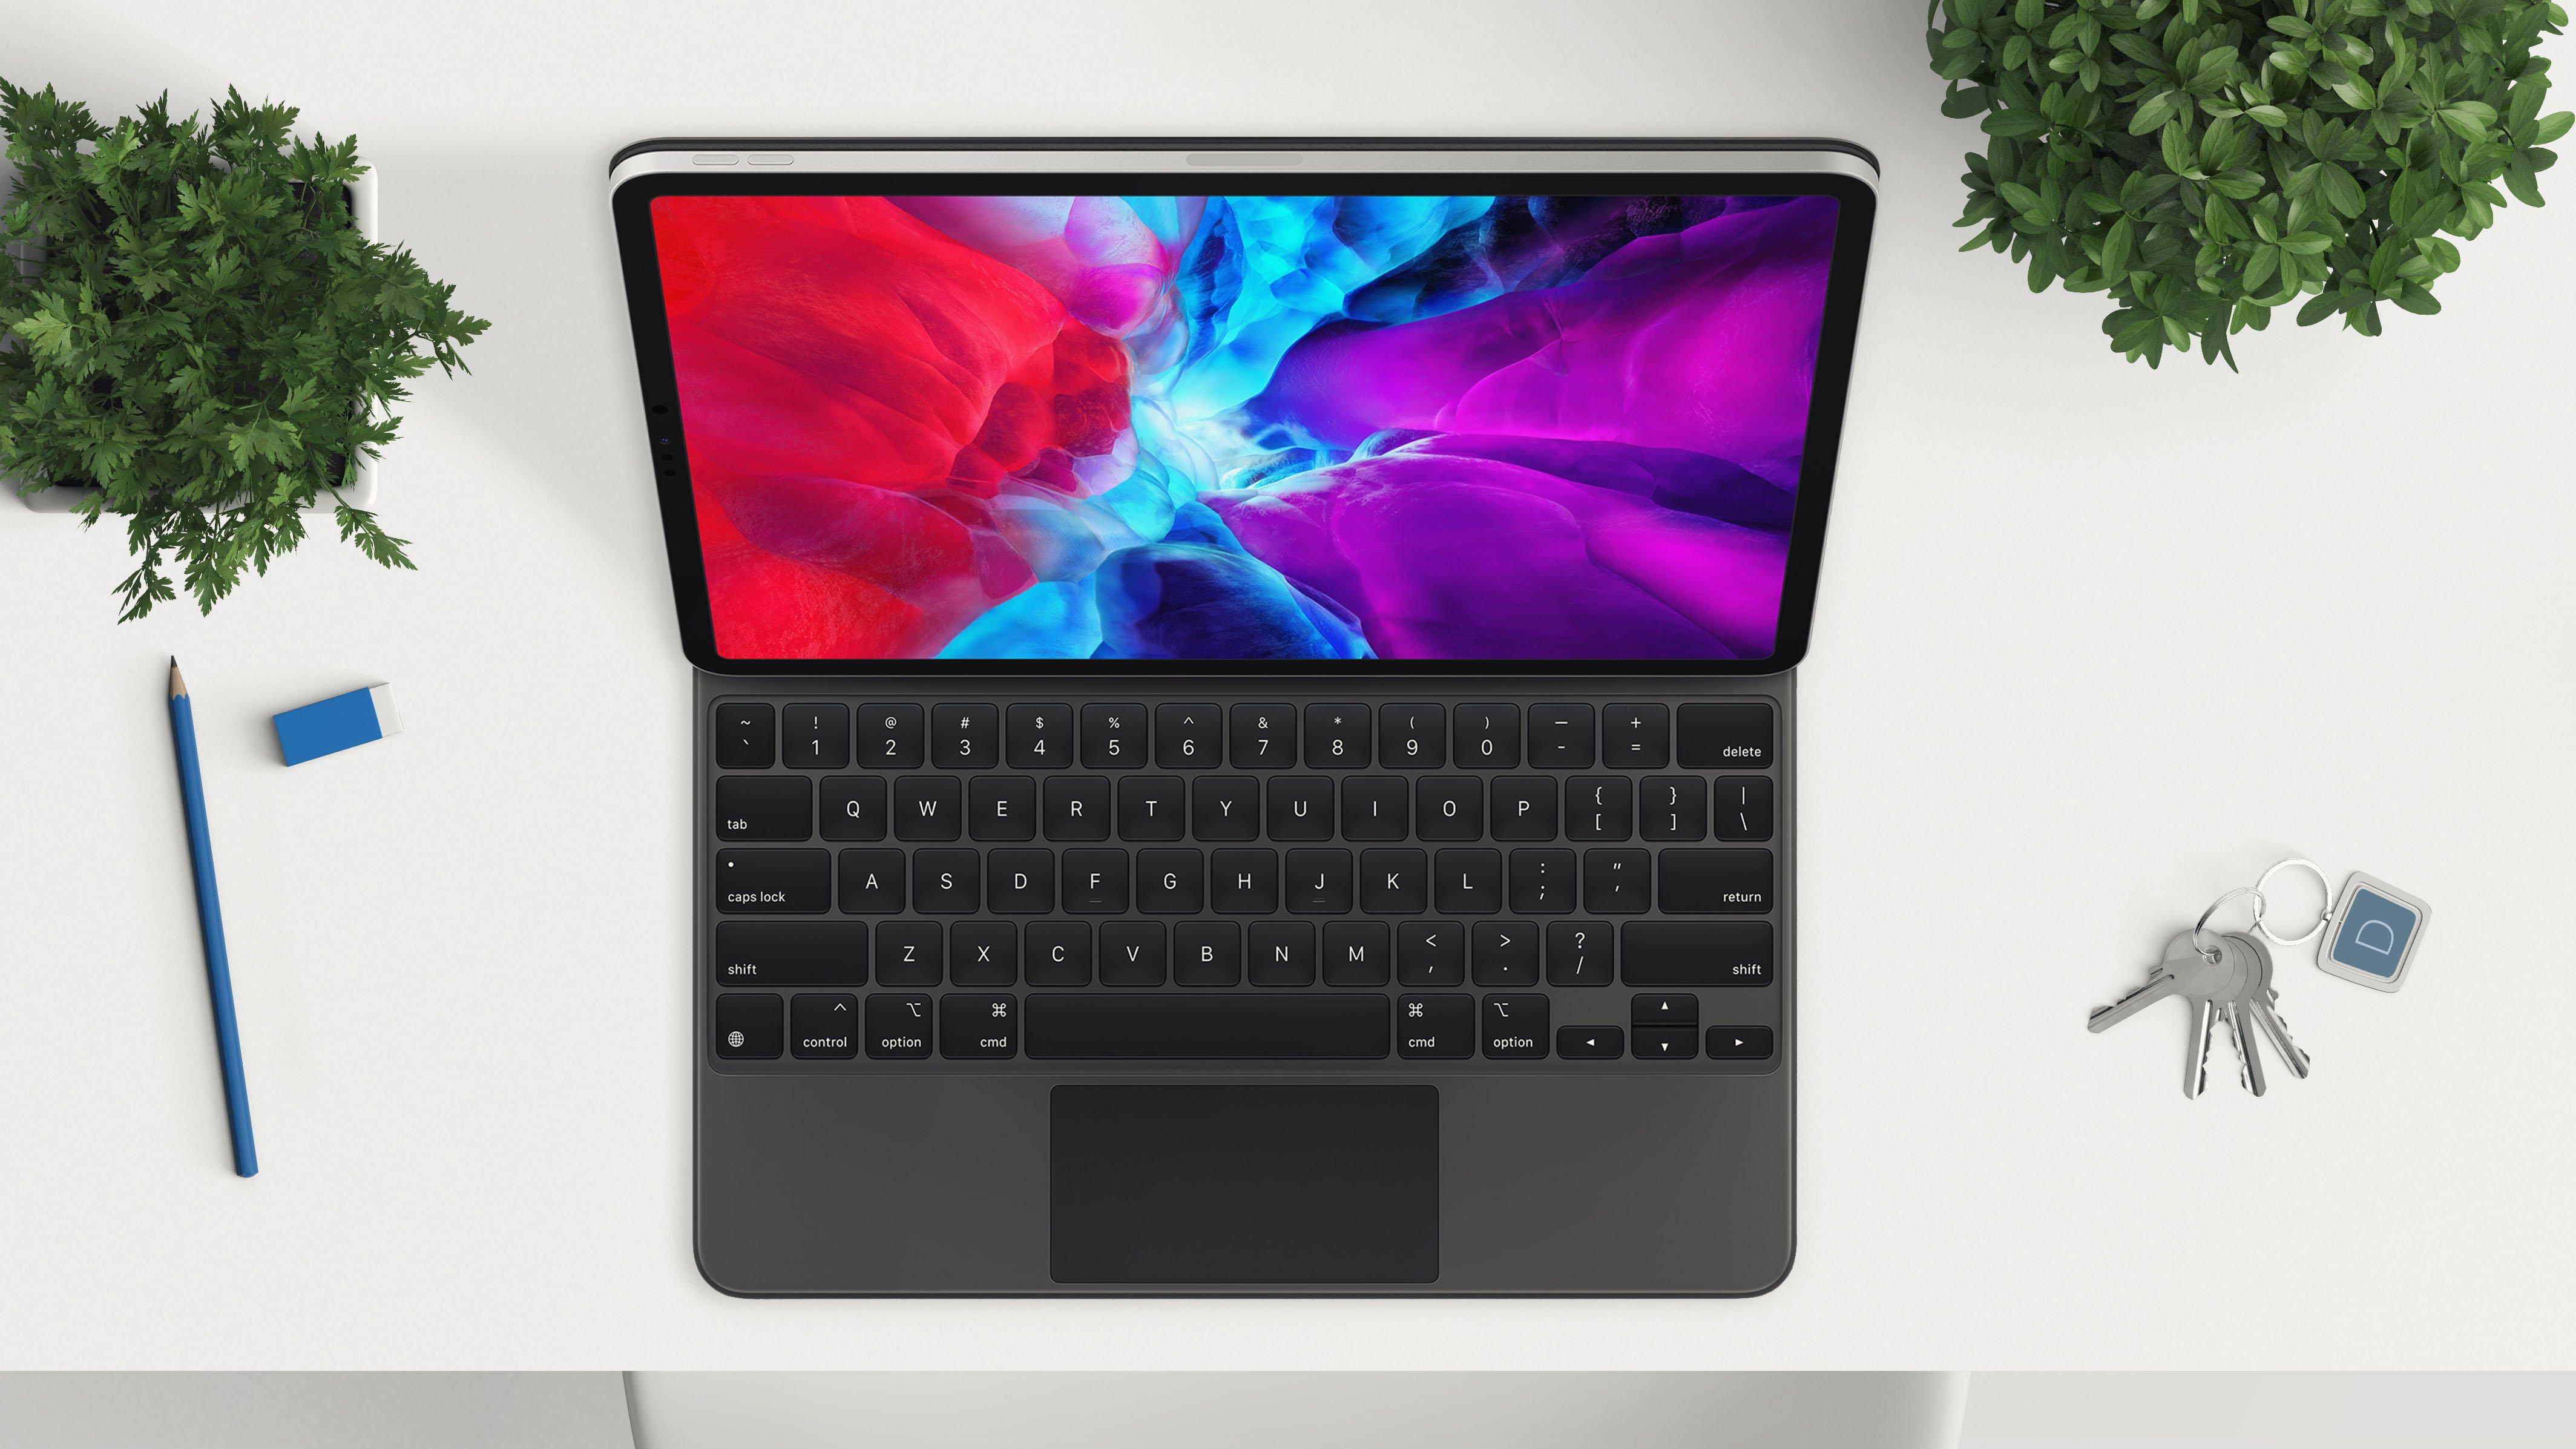 Tschüss Intel: Apple will Wechsel von Intel zu ARM Prozessoren noch im Juni ankündigen | NextPit